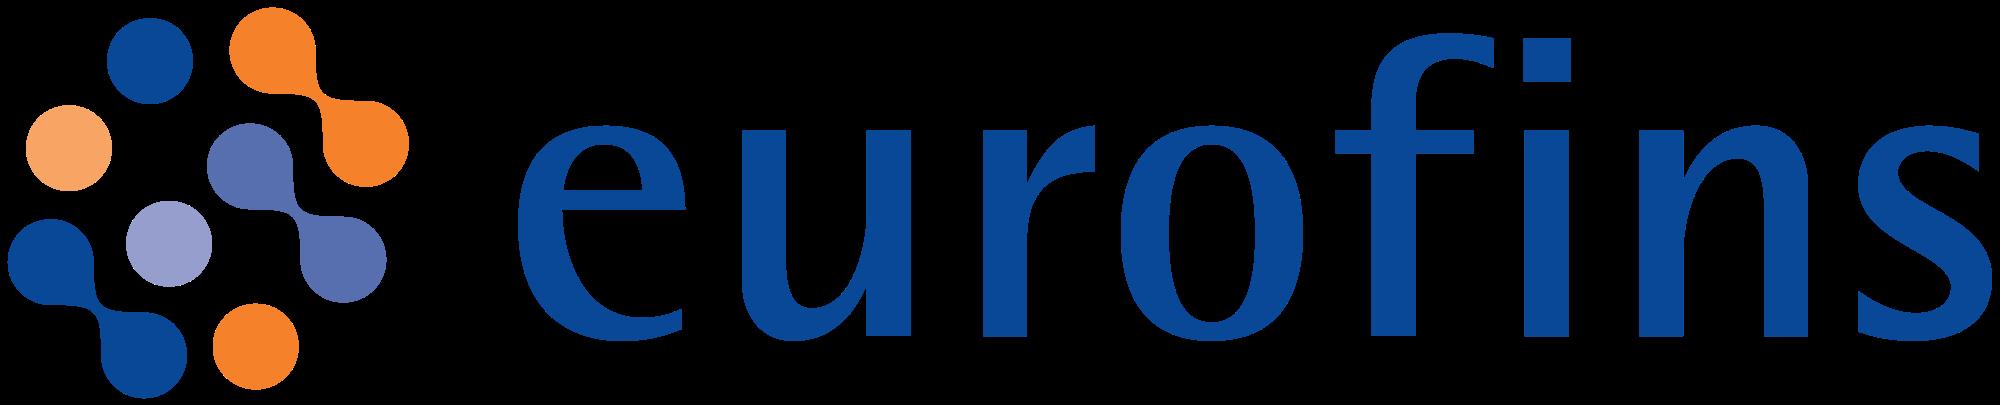 (주)한국유로핀즈분석서비스의 기업로고